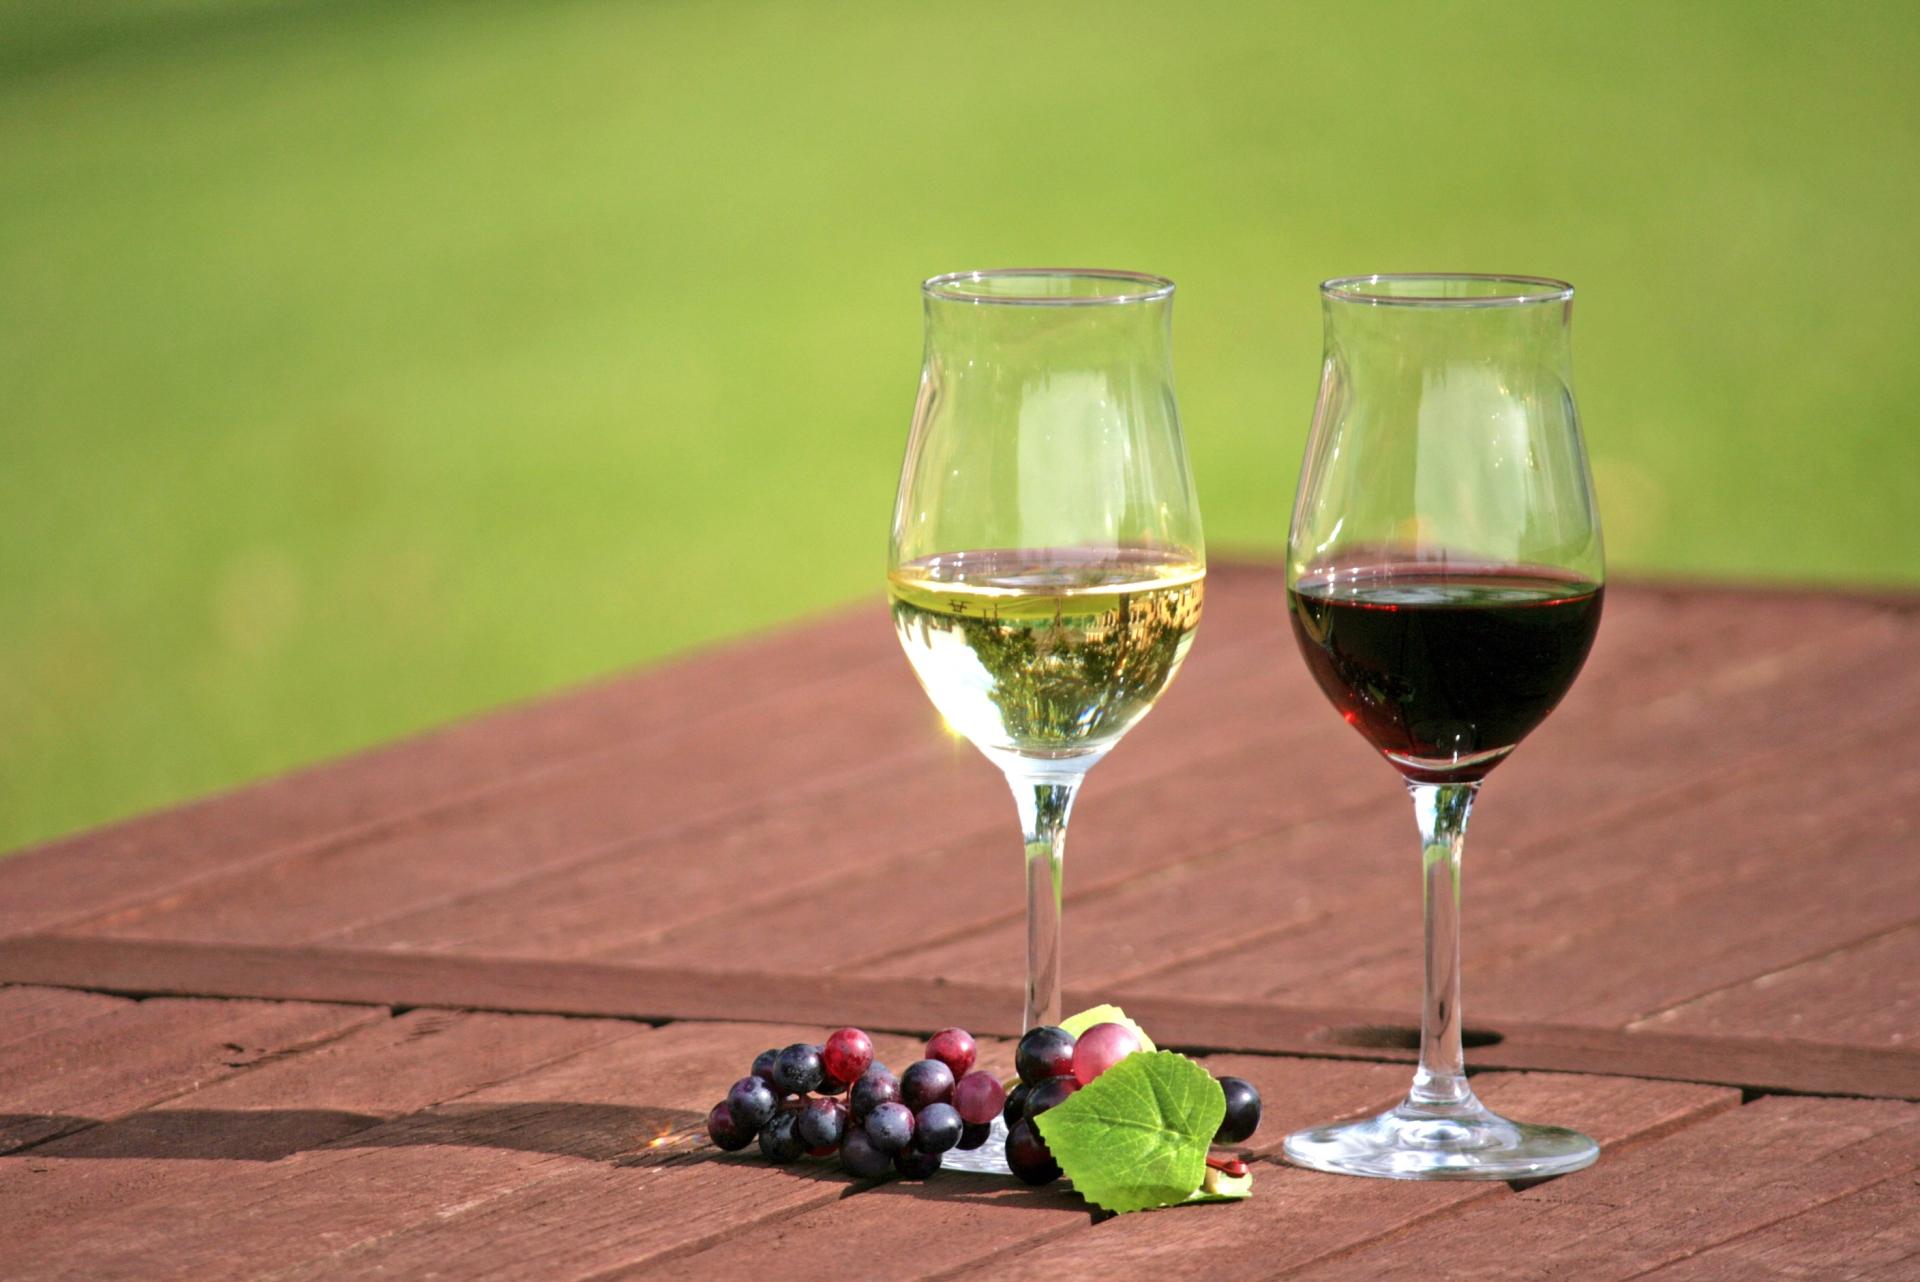 オーガニックワインと無添加・ビオの違い【おすすめワイン・シャンパンも紹介】